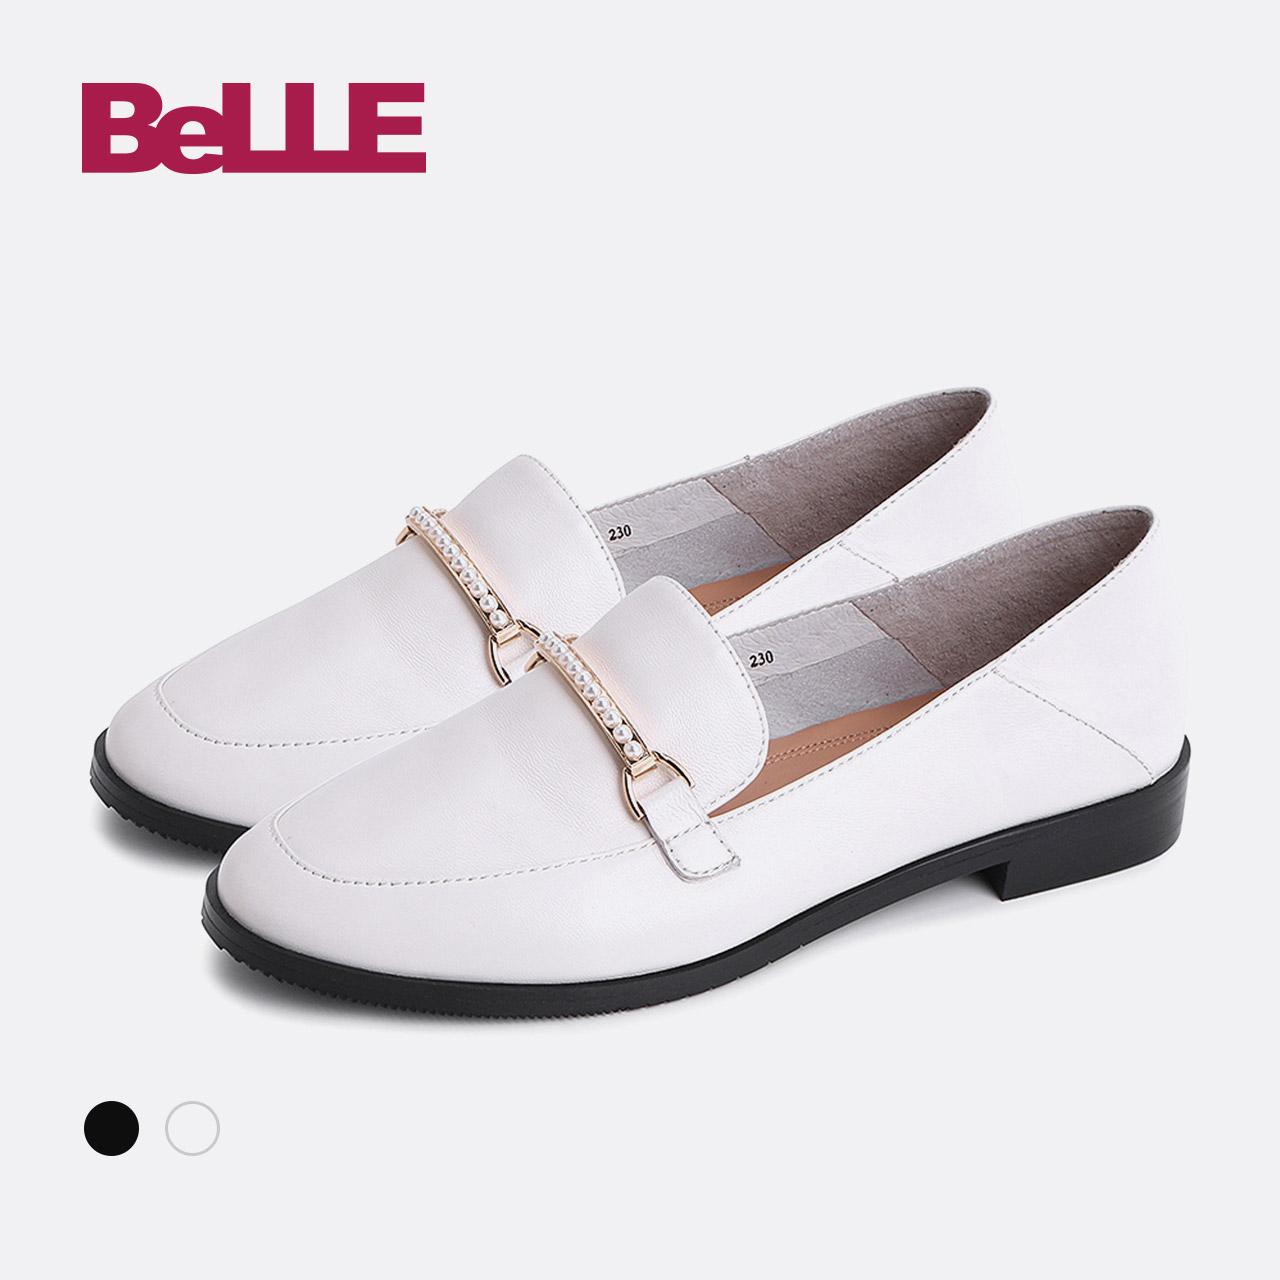 同款时尚女鞋